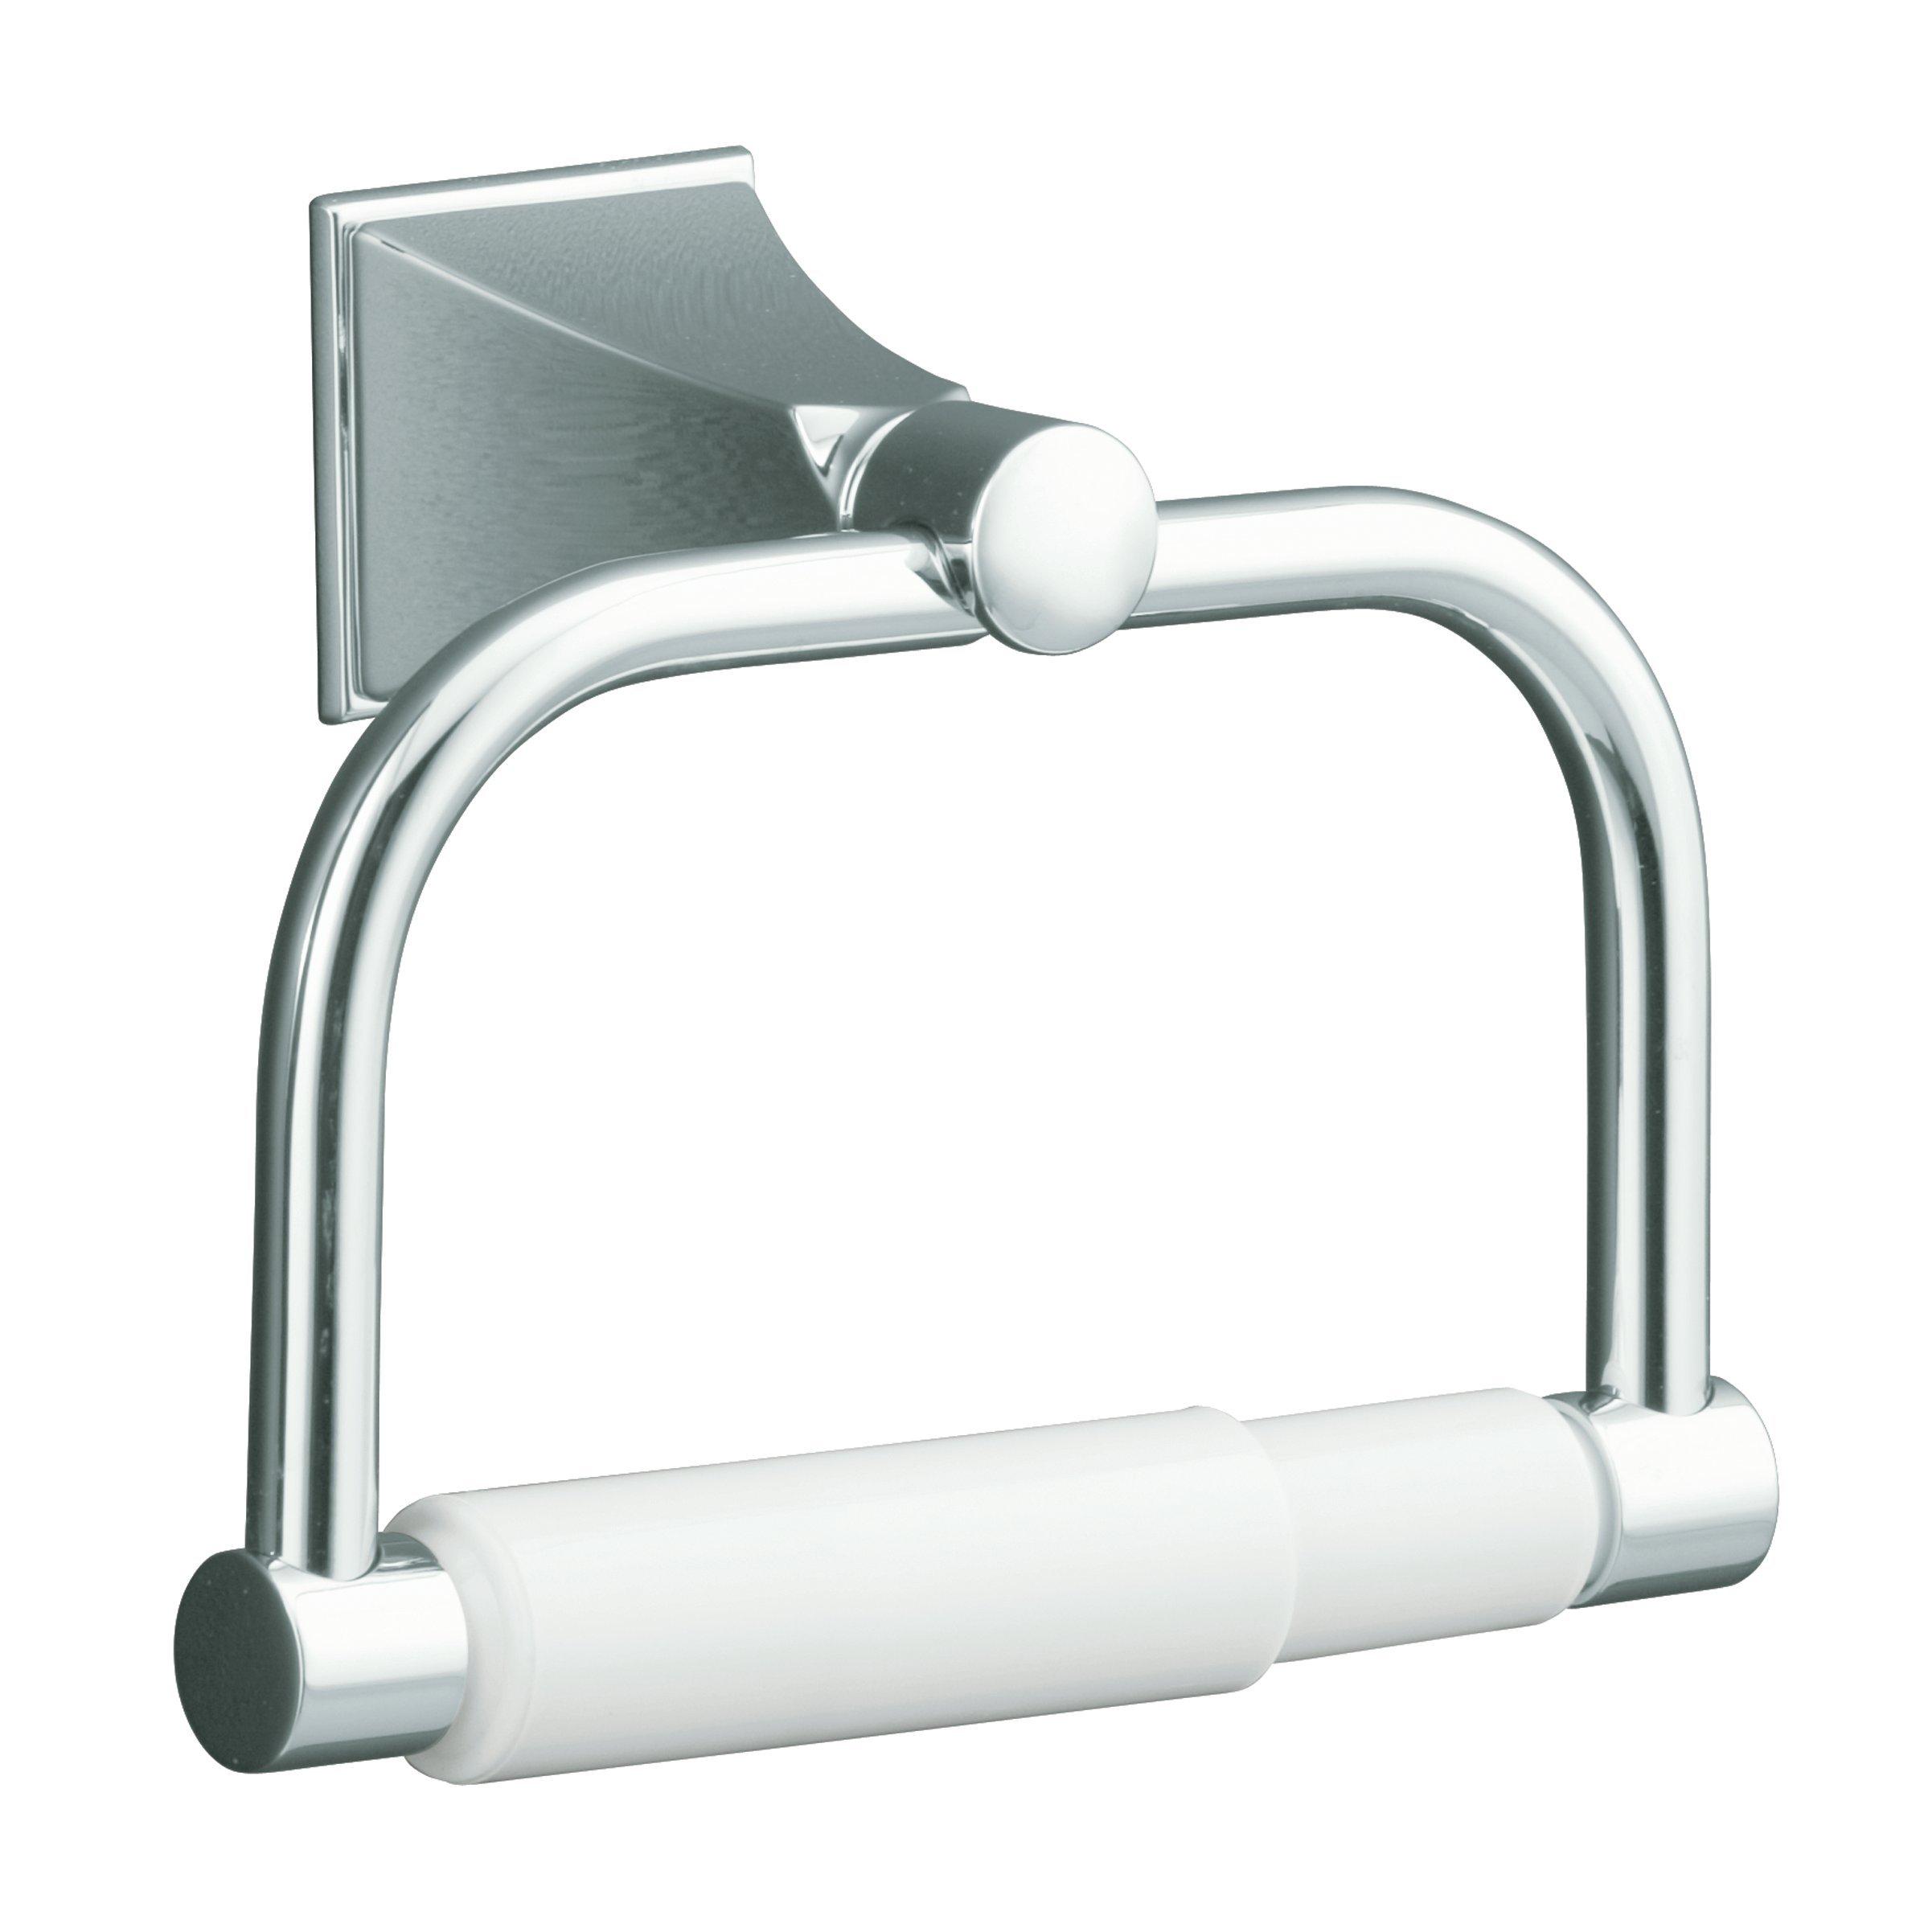 KOHLER K-490-CP Memoirs Toilet Tissue Holder with Stately Design, Polished Chrome